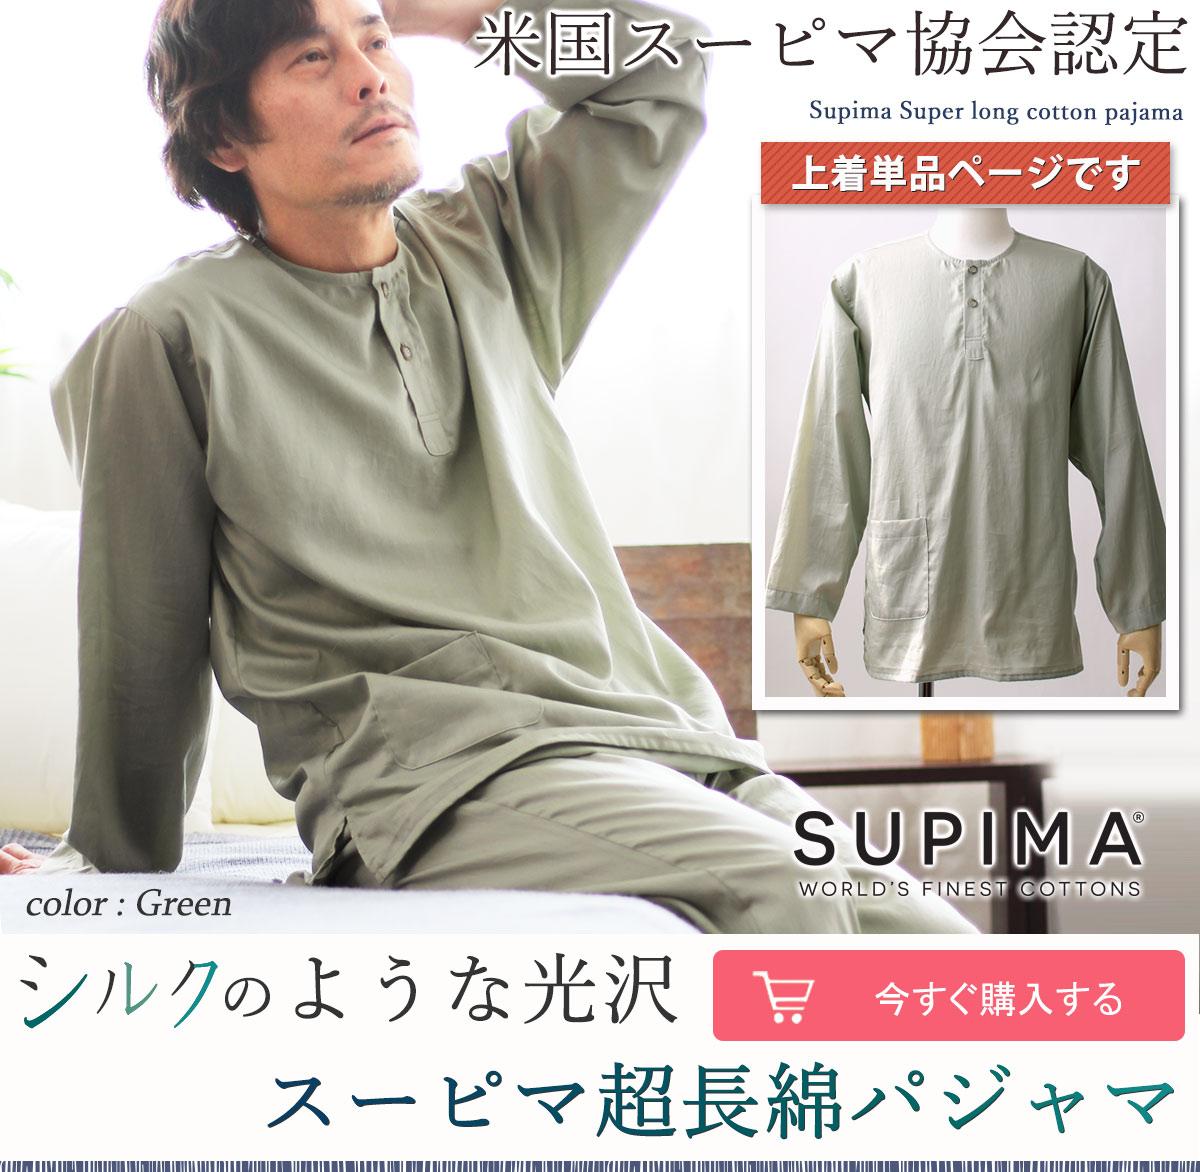 米国スーピマ協会認定 シルクのような光沢、スーピマ超長綿かぶりメンズパジャマ上着のみ